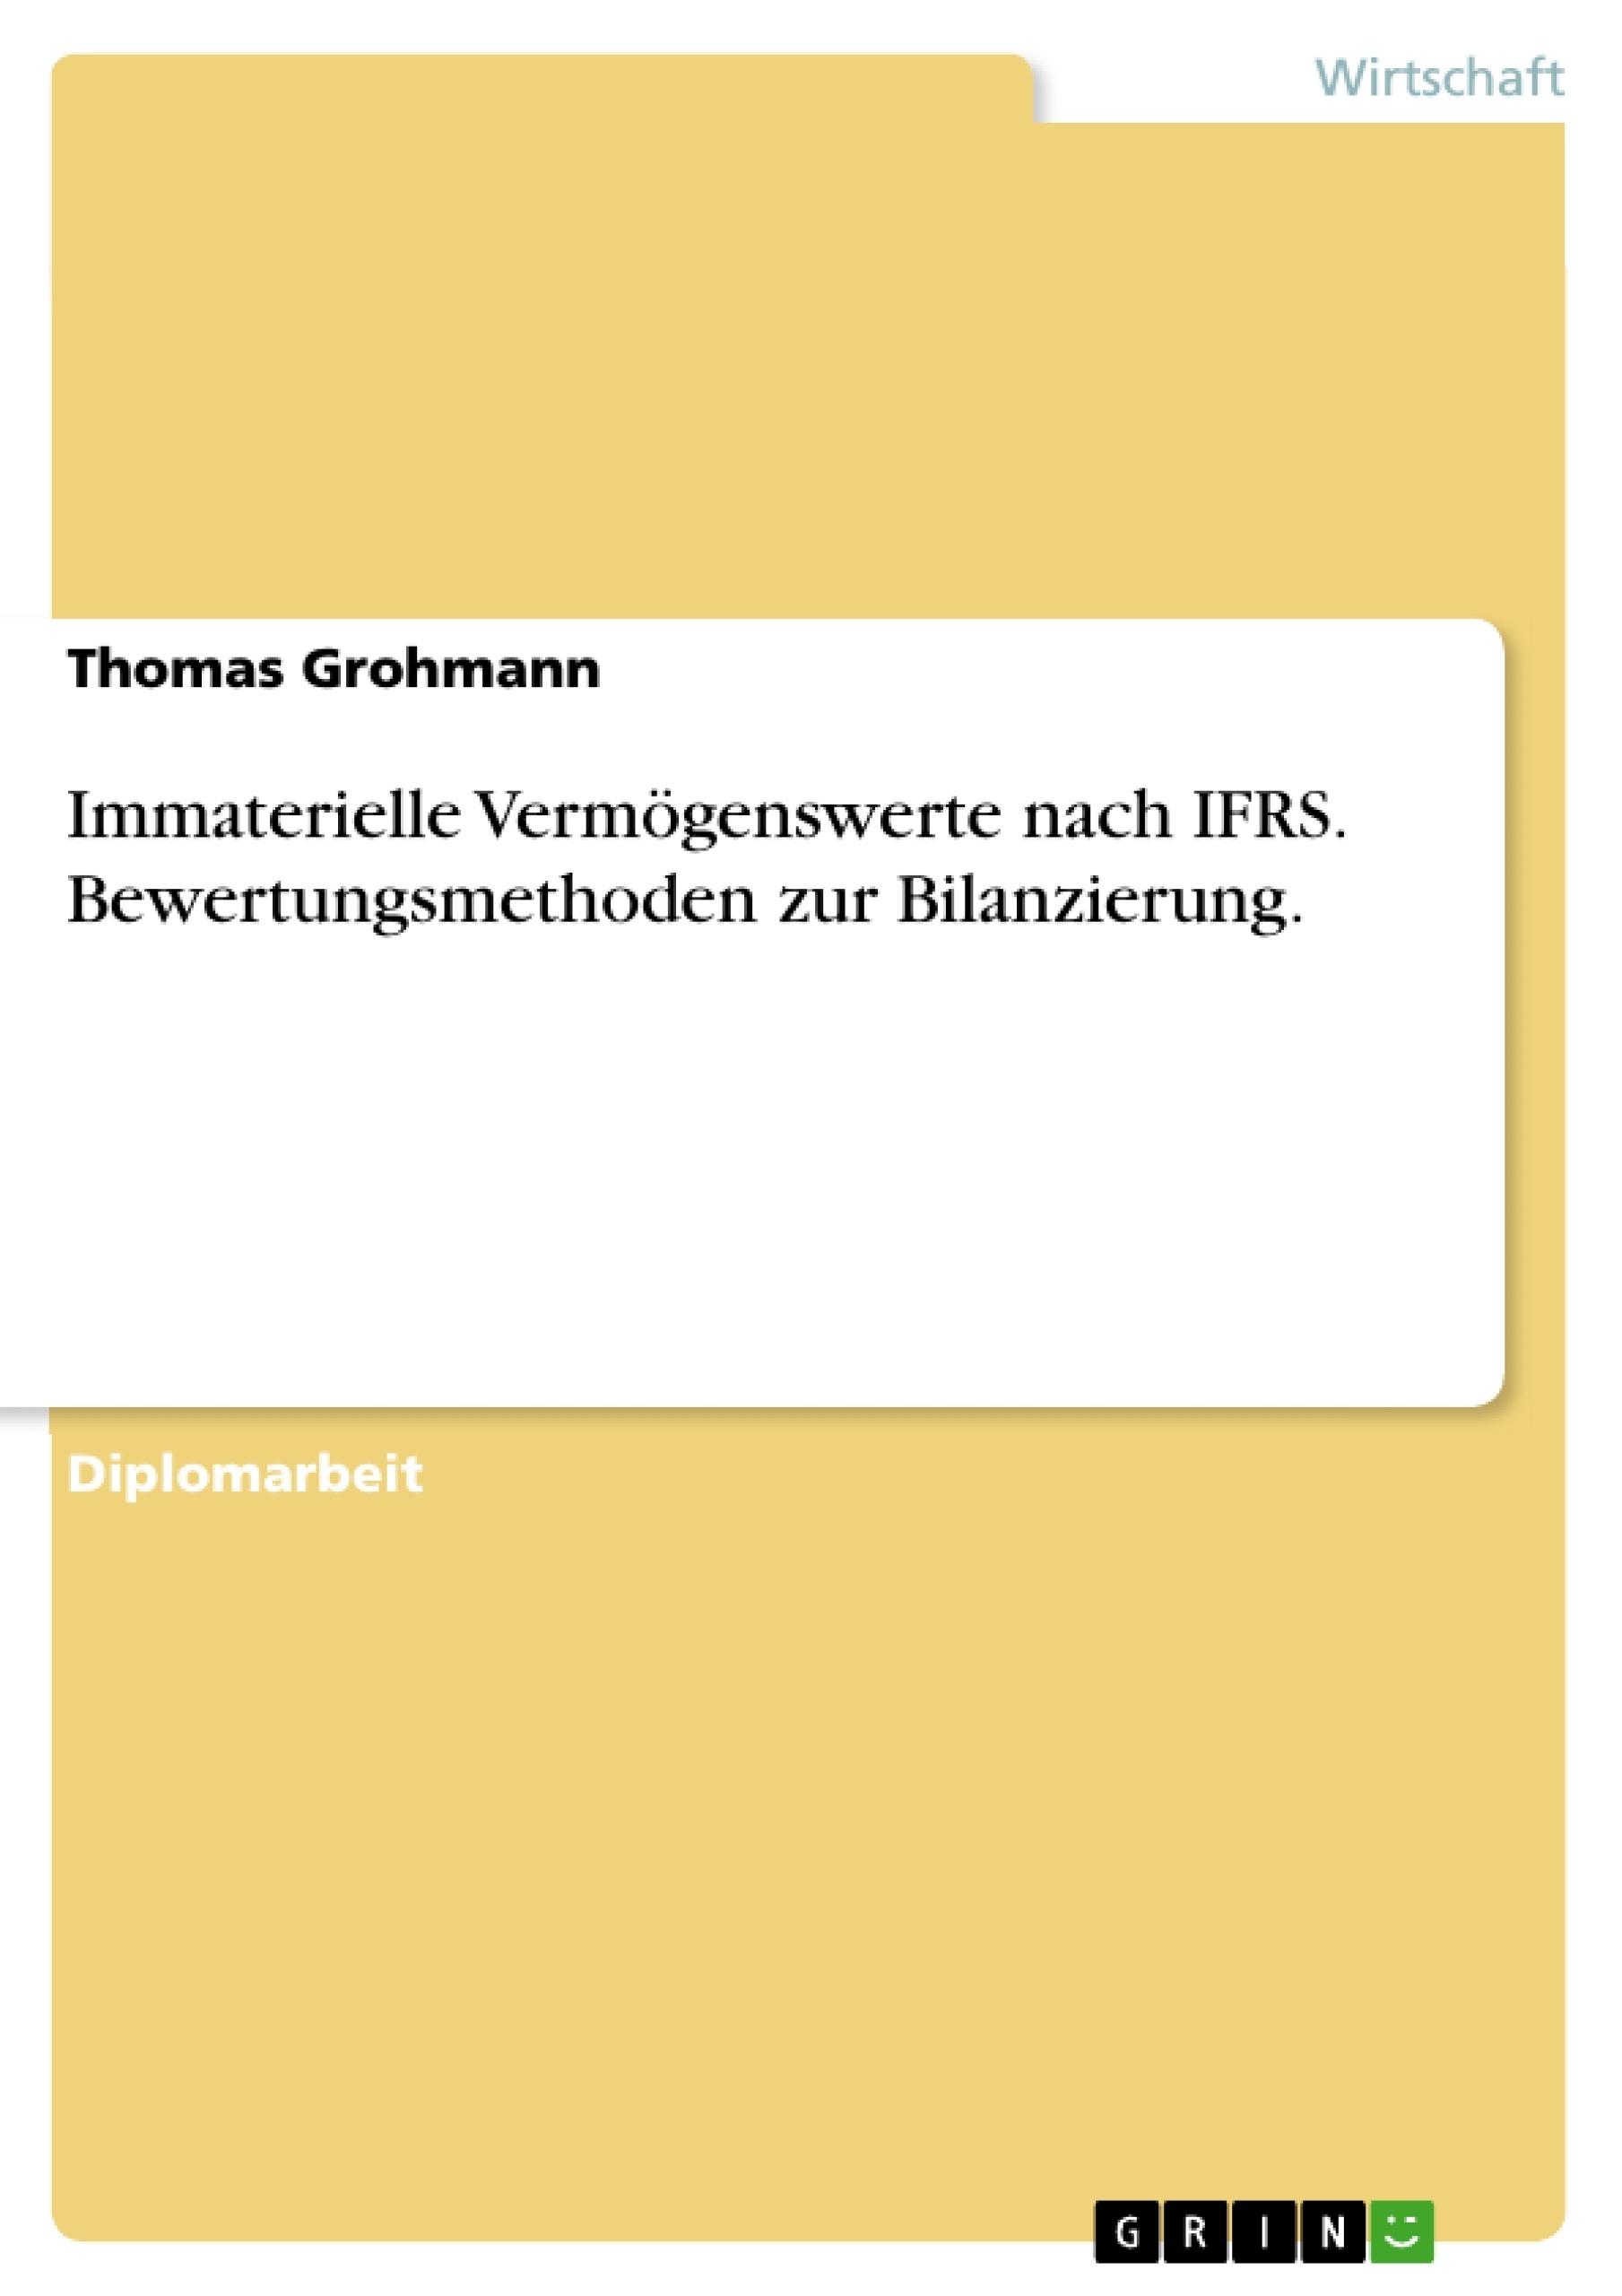 Titel: Immaterielle Vermögenswerte nach IFRS. Bewertungsmethoden zur Bilanzierung.